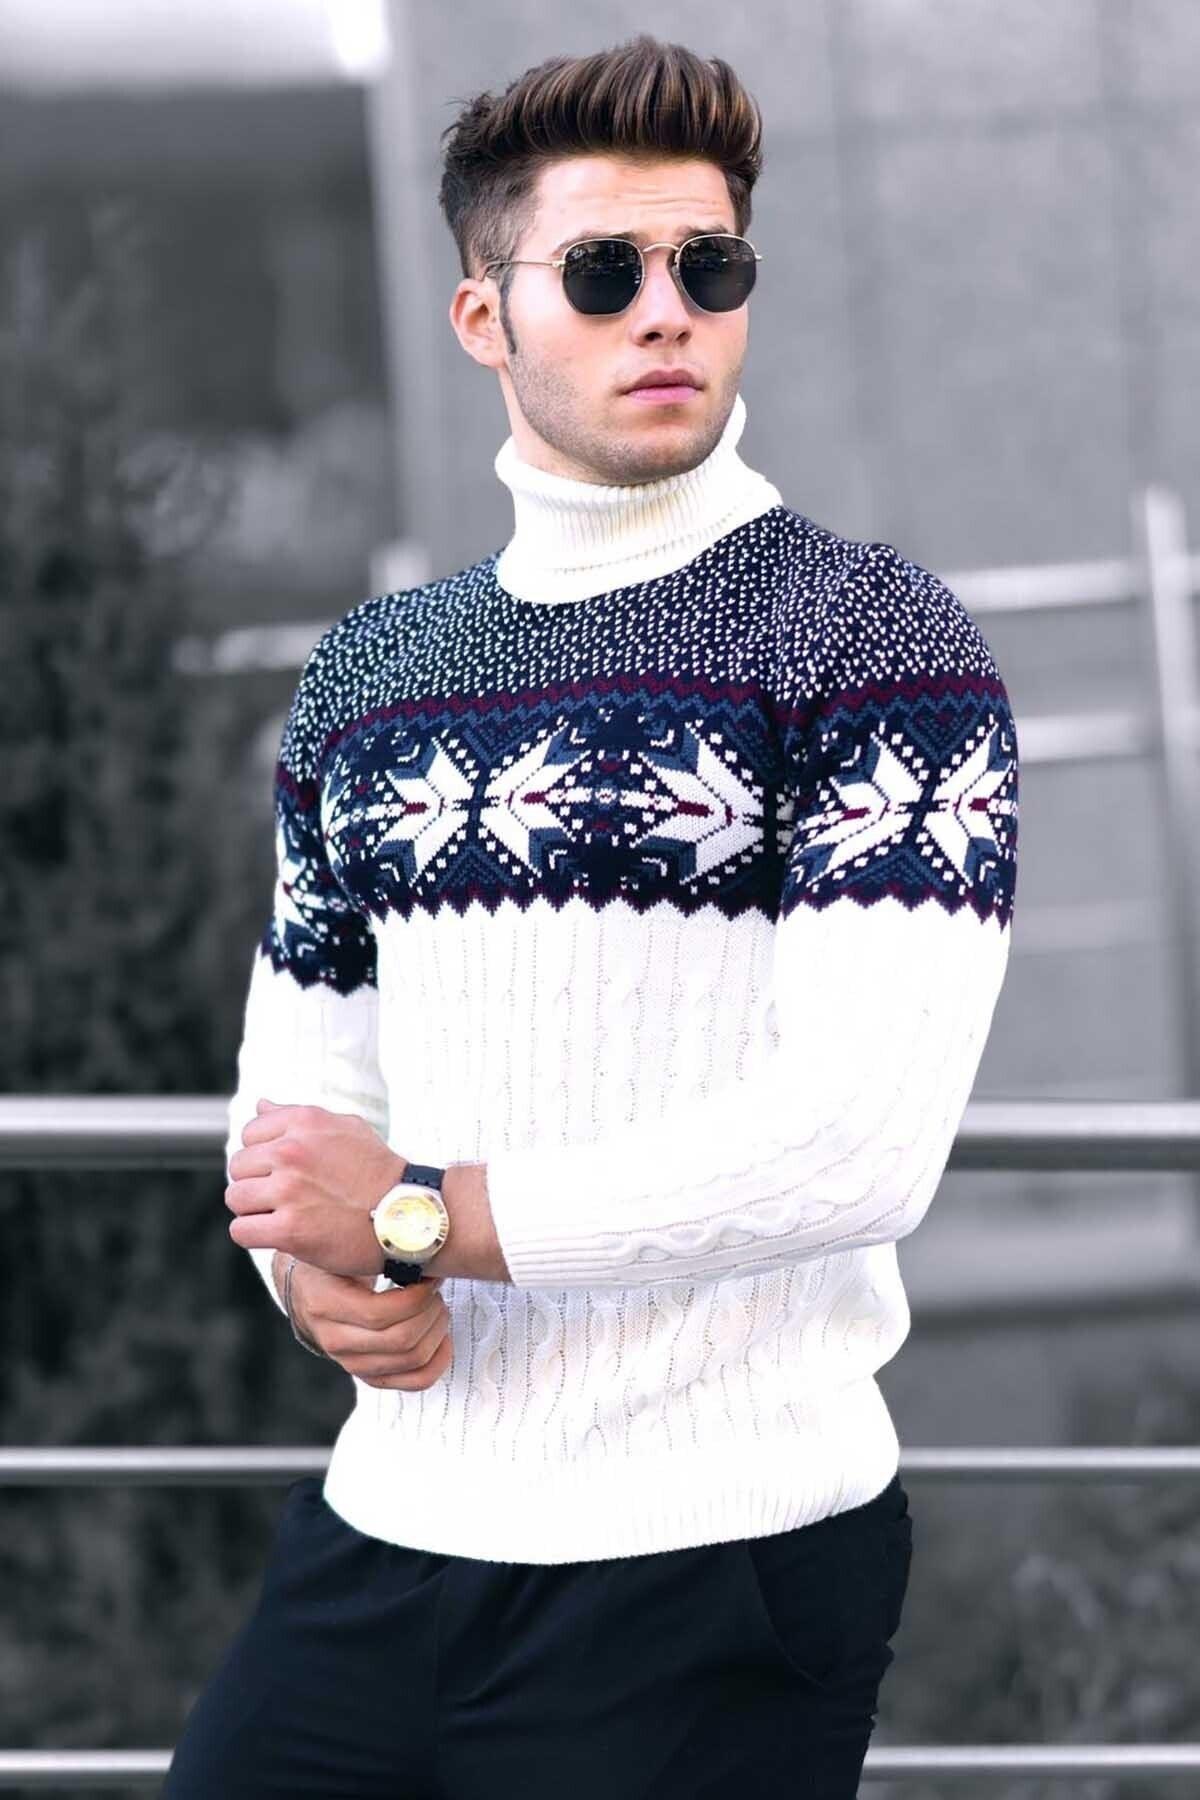 پلیور مردانه یقه اسکی طرحدار سفید برند Madmext کد 1609864326